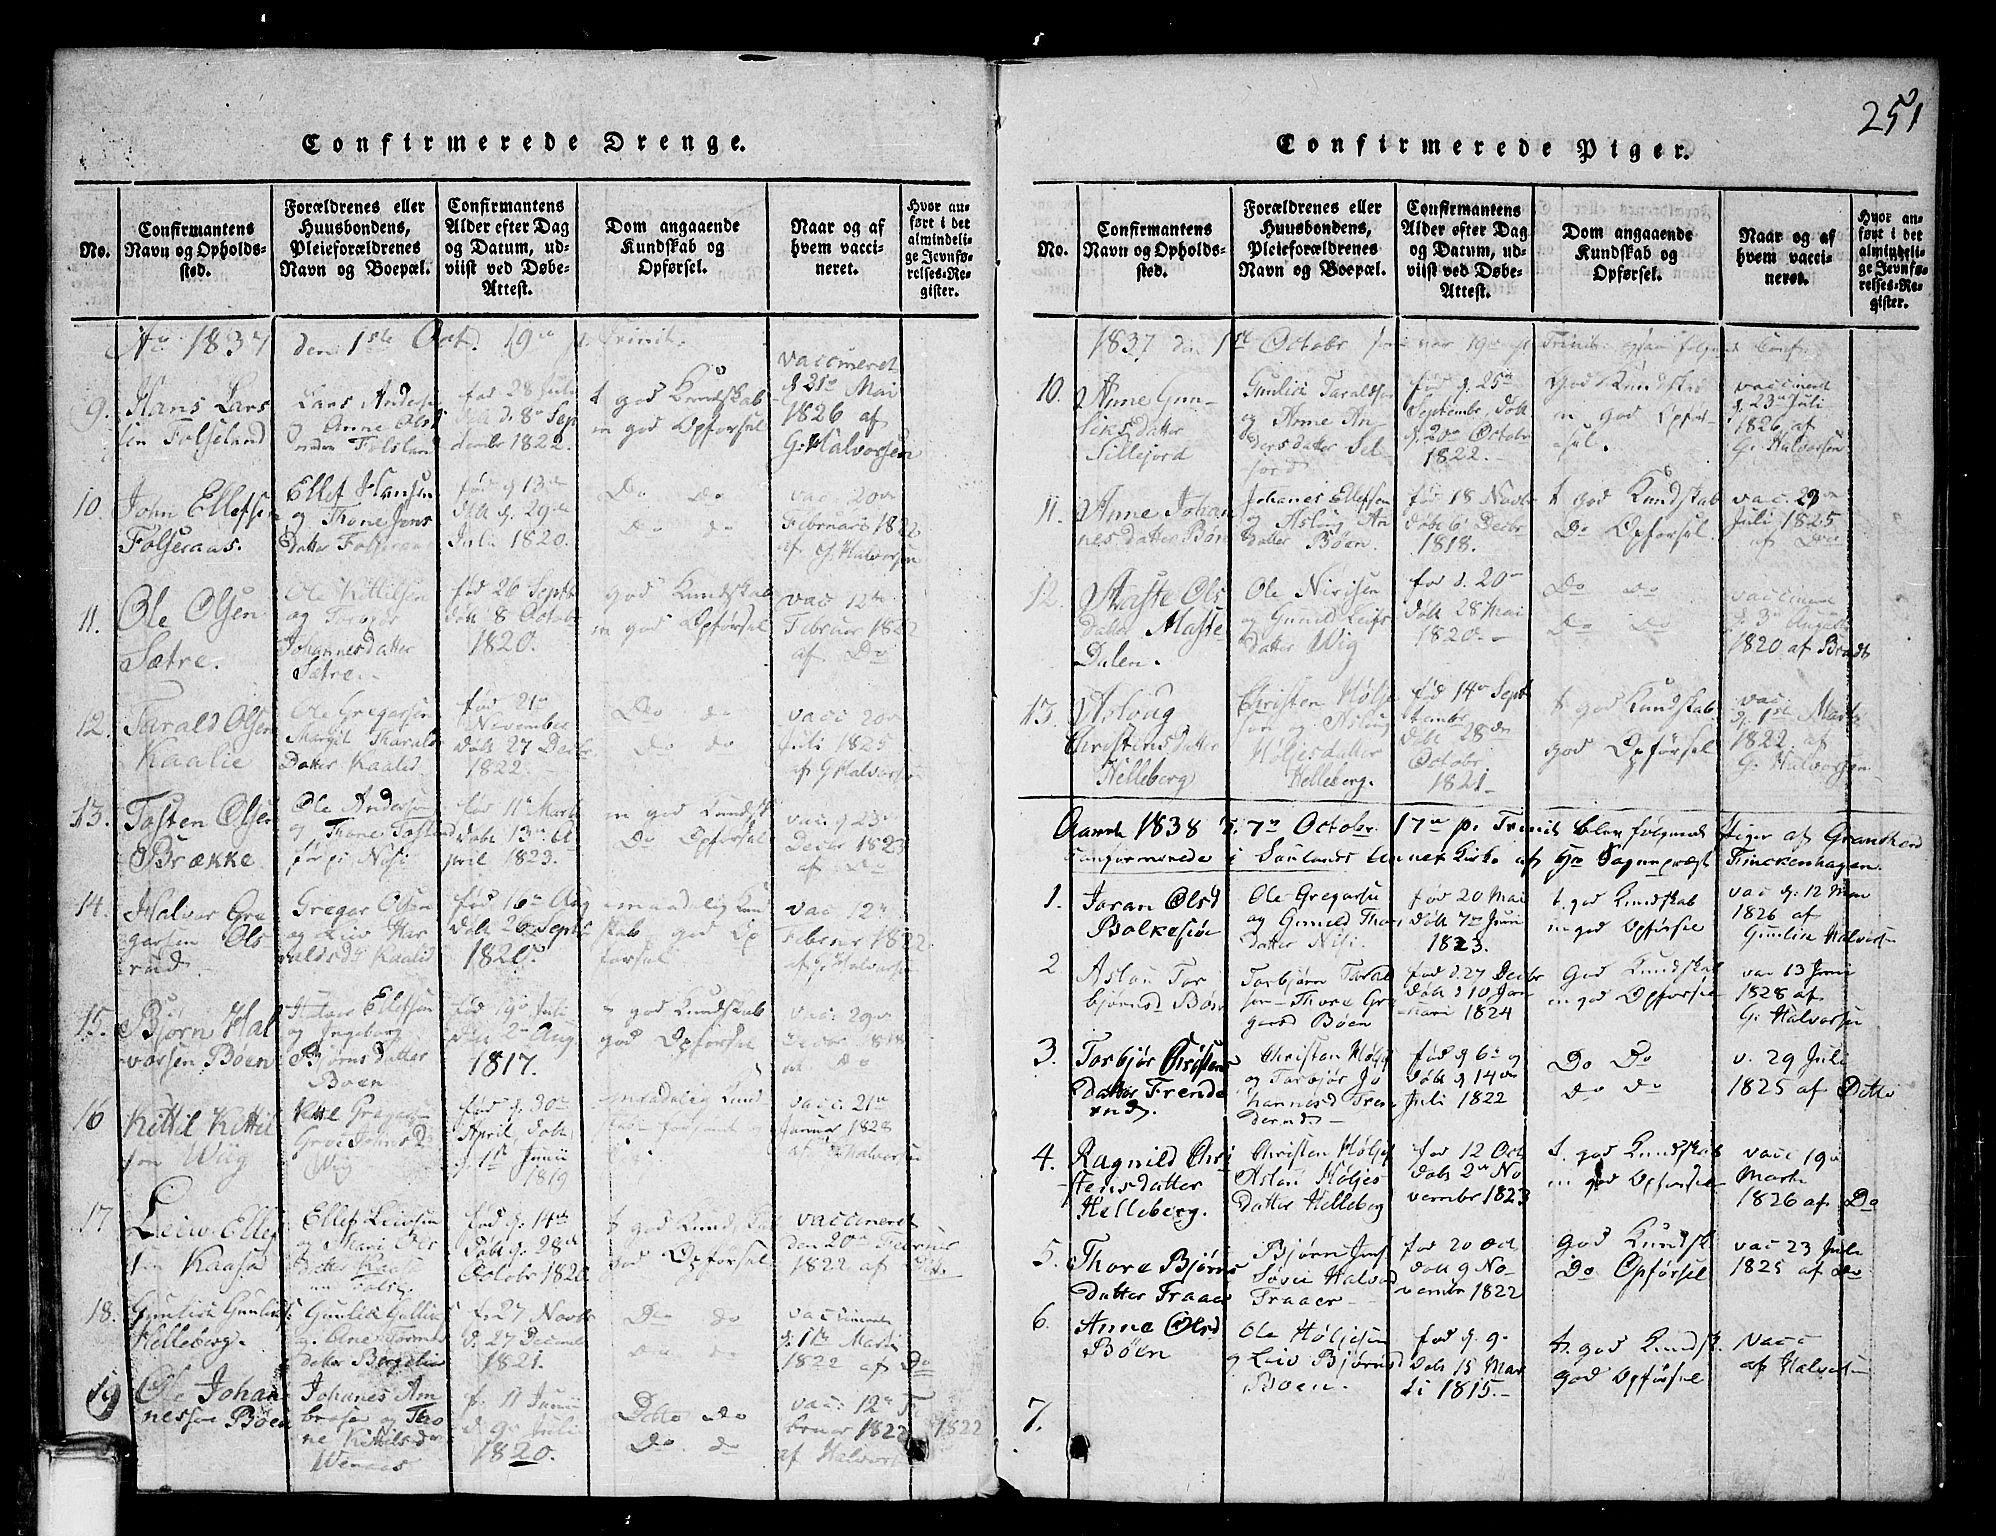 SAKO, Gransherad kirkebøker, G/Ga/L0001: Klokkerbok nr. I 1, 1815-1842, s. 251